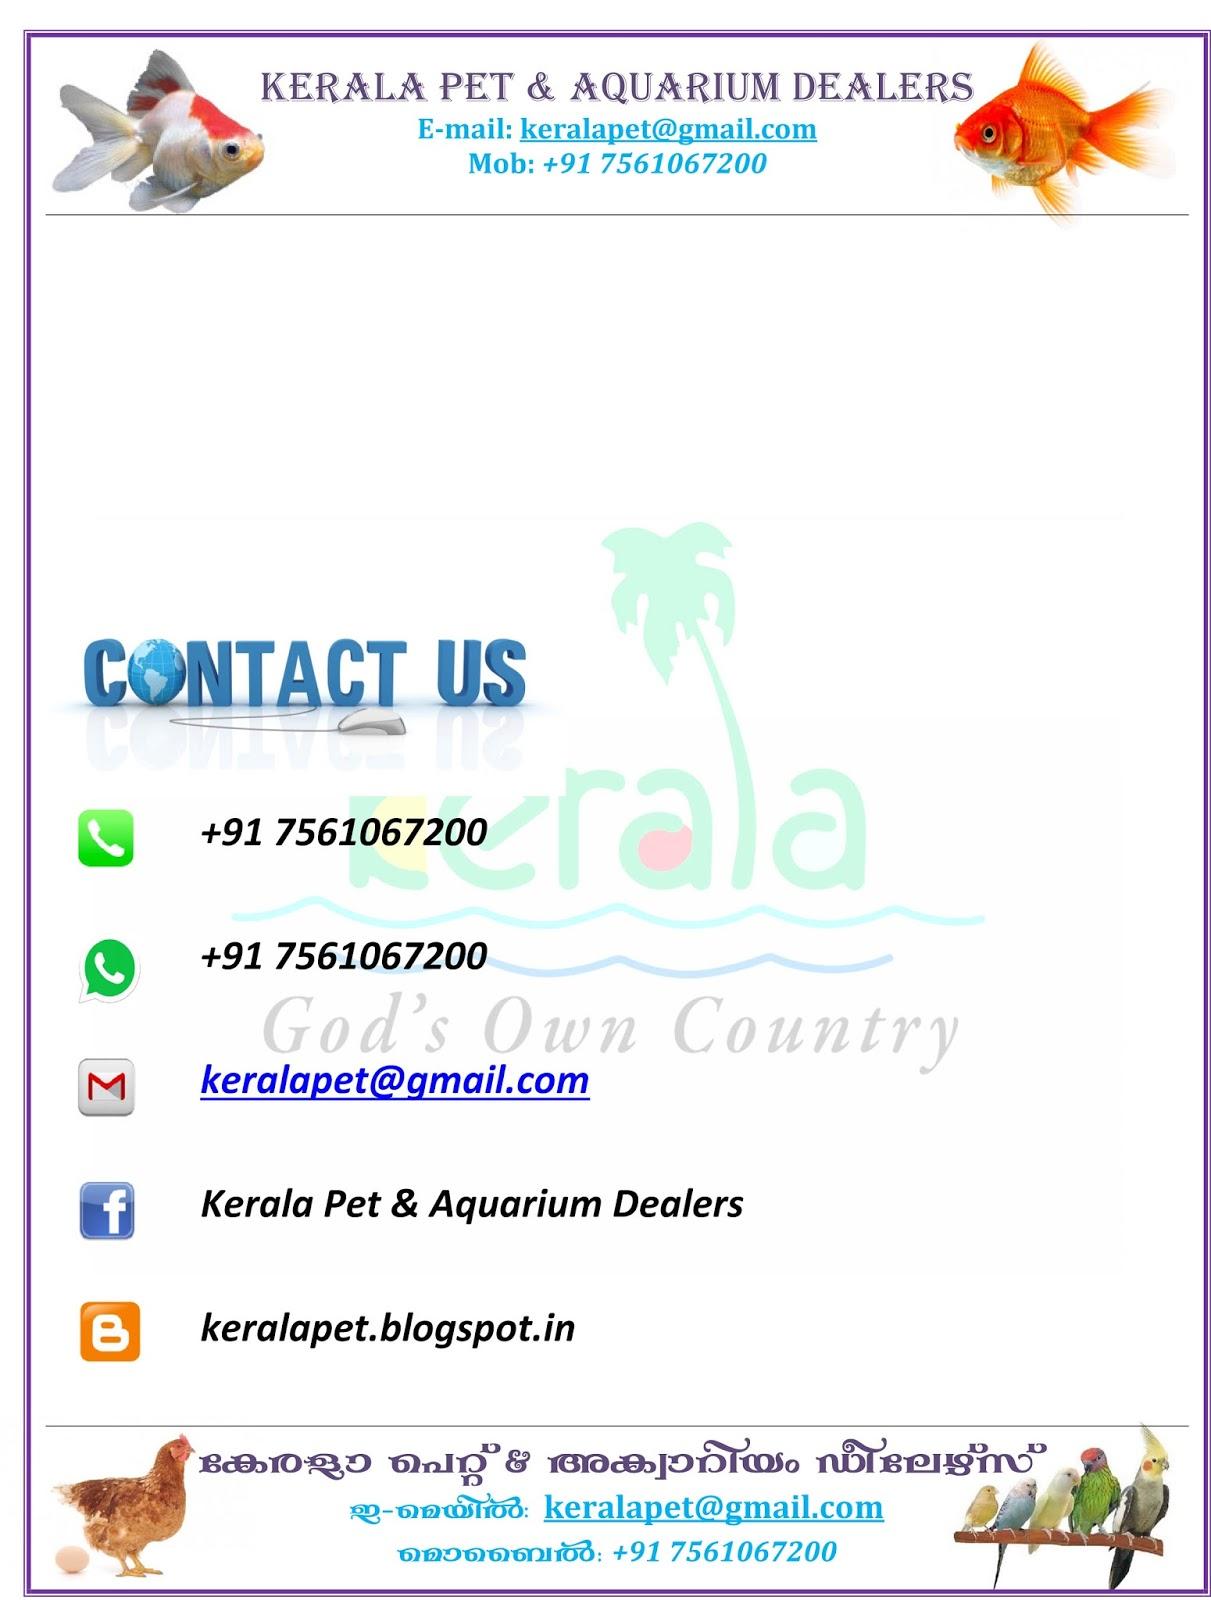 kozhi valarthal malayalam pdf download